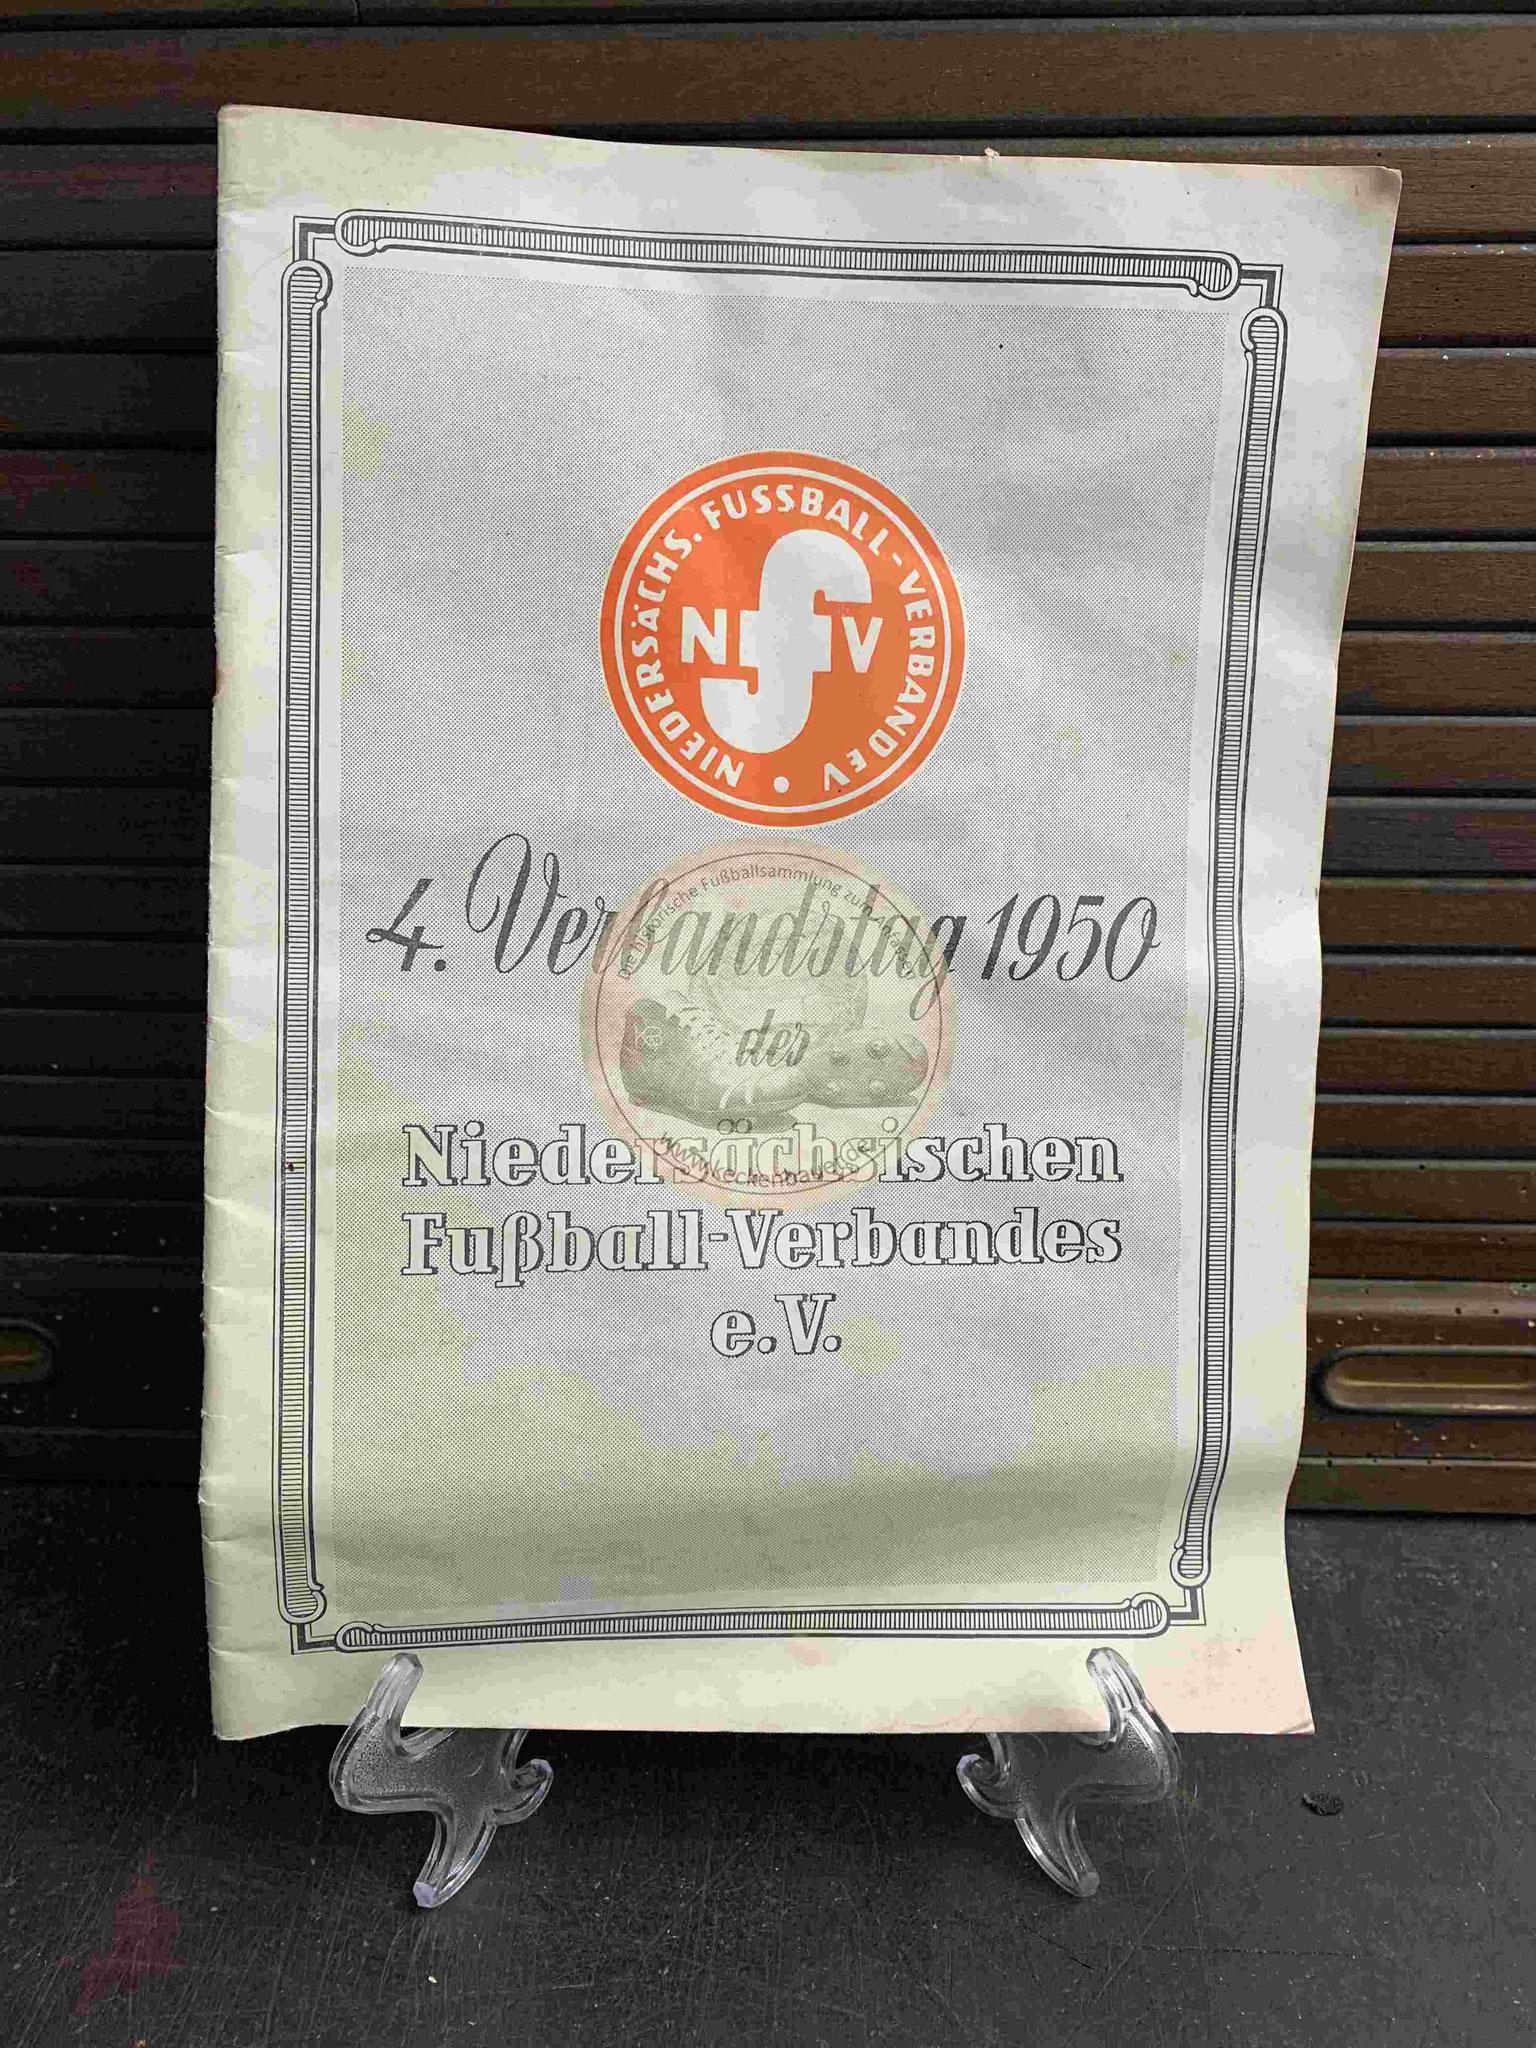 4. Verbandstag 1950 des Niedersächsischen Fussballverbandes e.V.